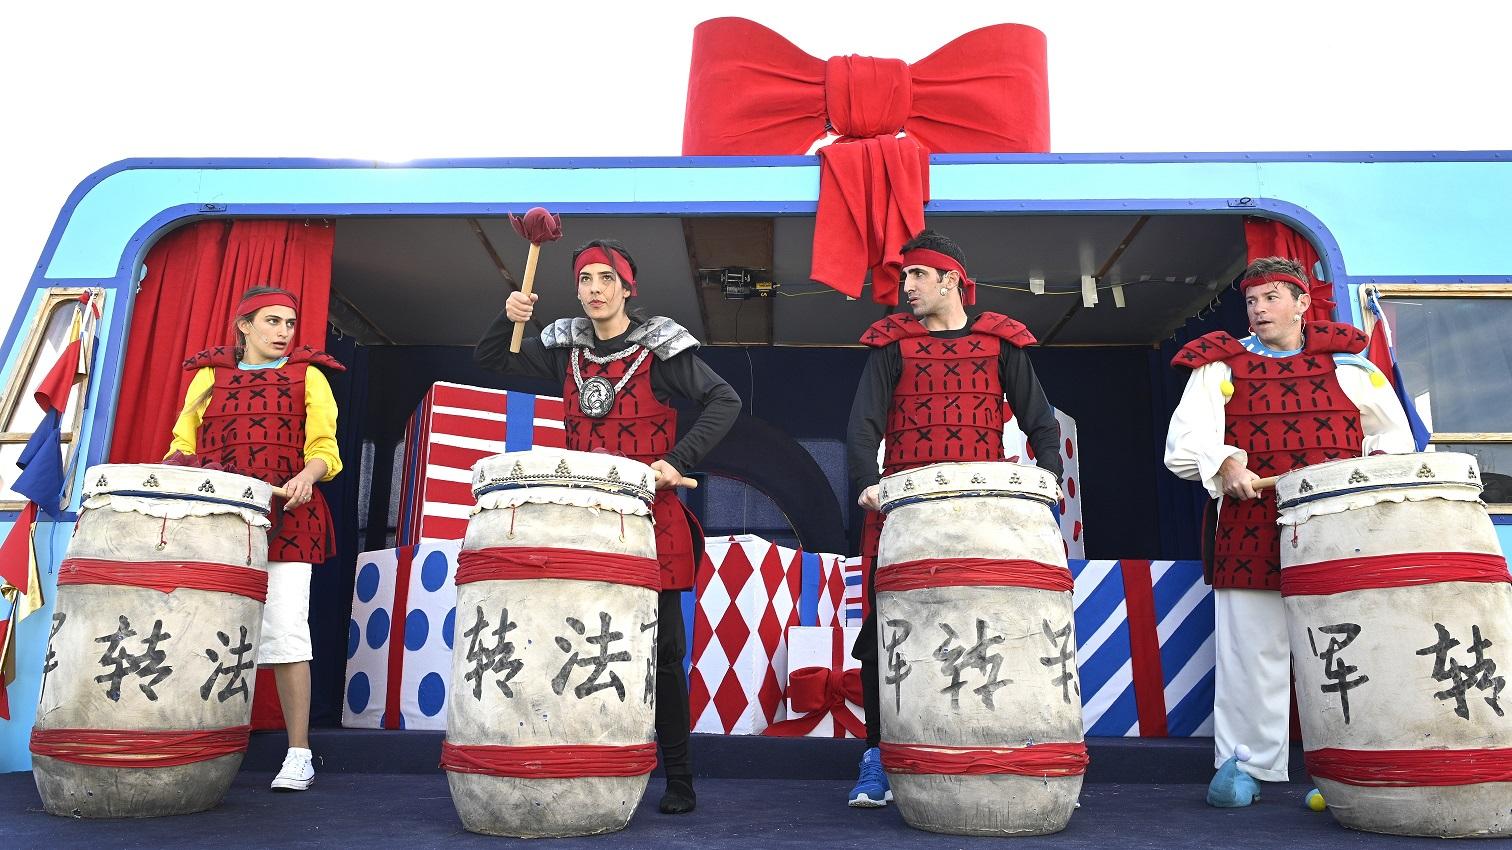 """יש לתיאטרון אורנה פורת יום הולדת וכולם מוזמנים. """"החגיגה שלנו"""" (צילום: יוסי צבקר)"""